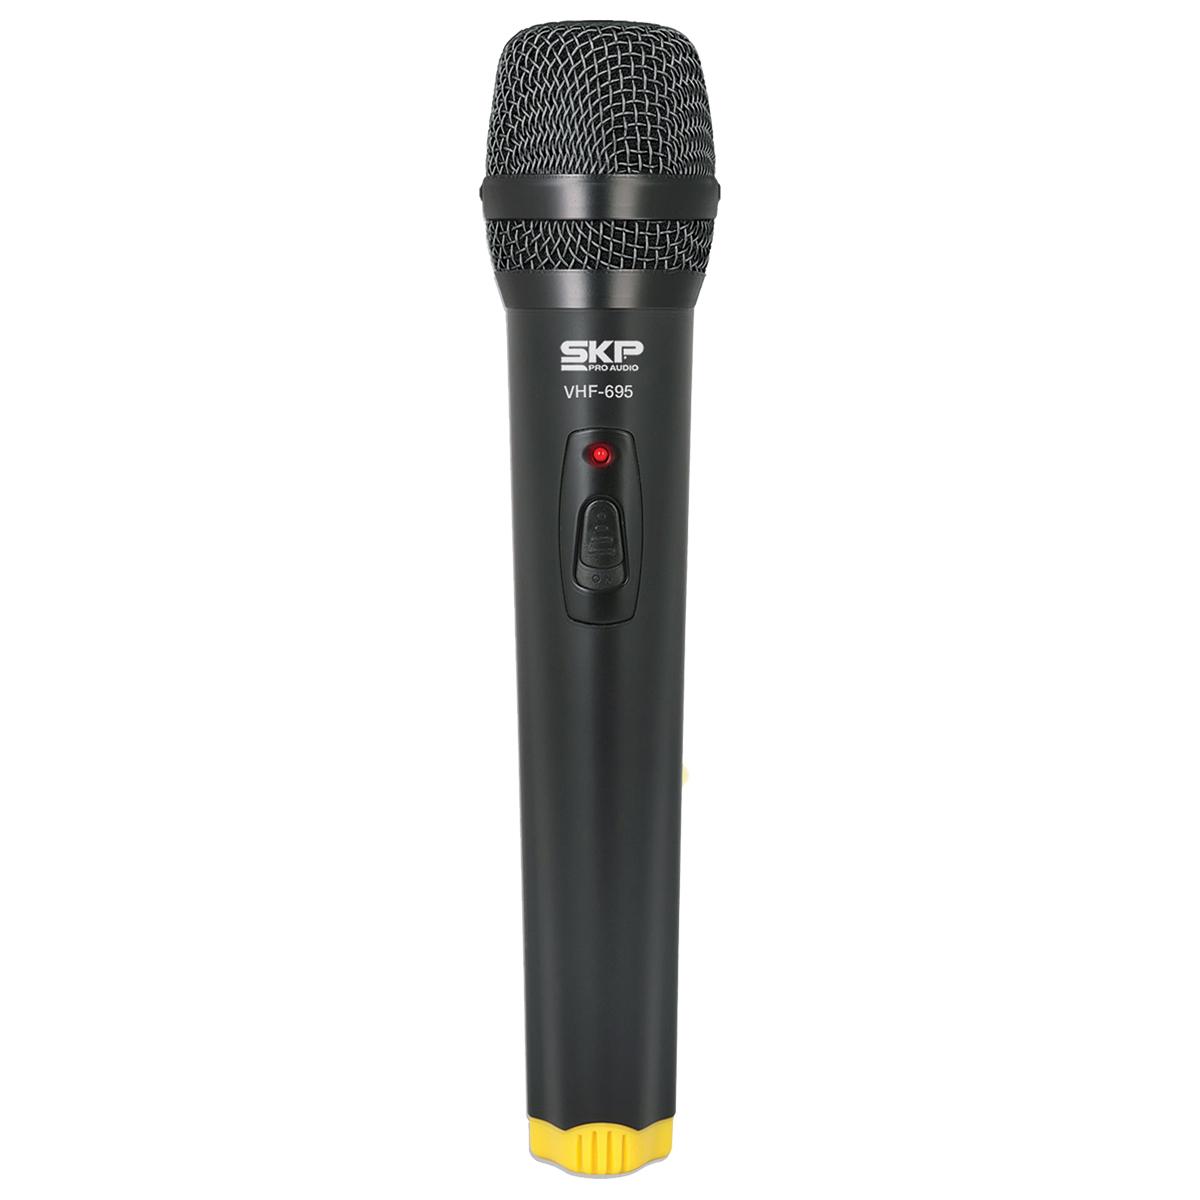 MICROFONE SEM FIO DE MÃO, FREQUENCIA VHF ALCANCE 50 METROS VHF695